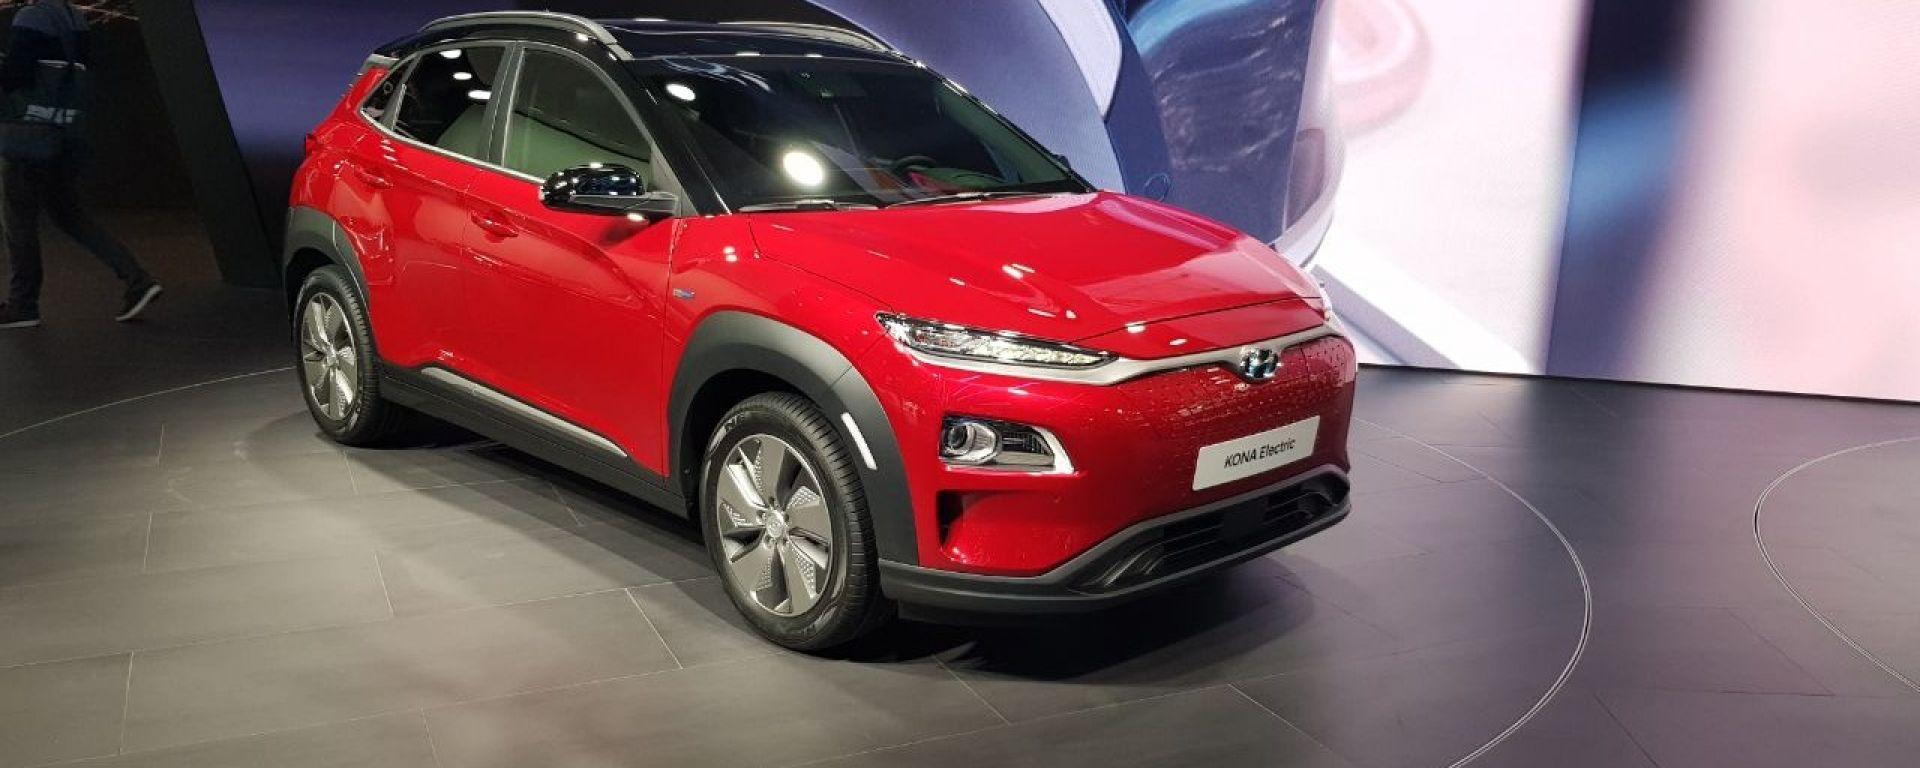 Hyundai Kona Electric al Salone di Ginevra 2018